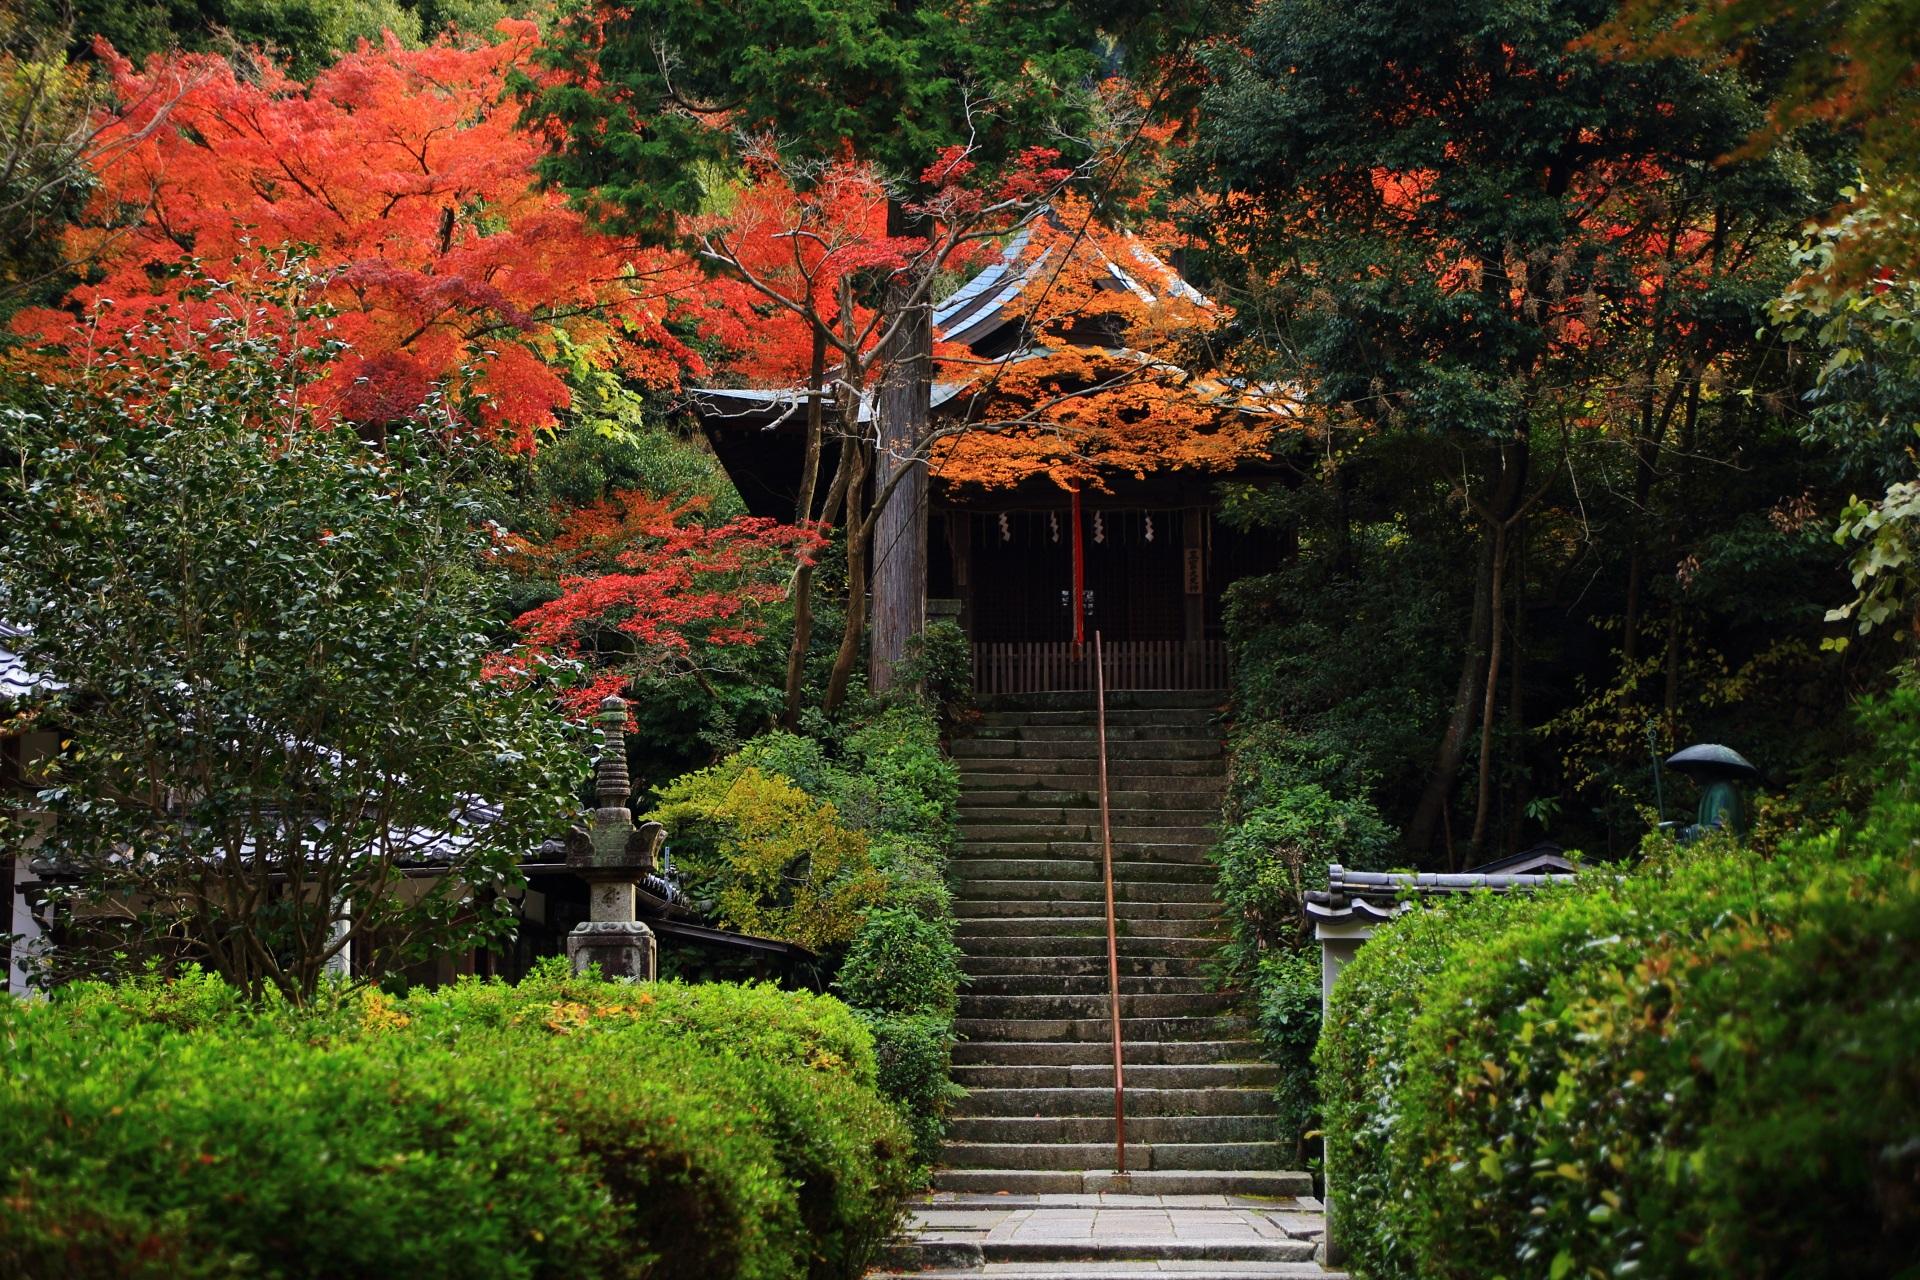 深い秋色に染まる石段の上に佇む荒神堂